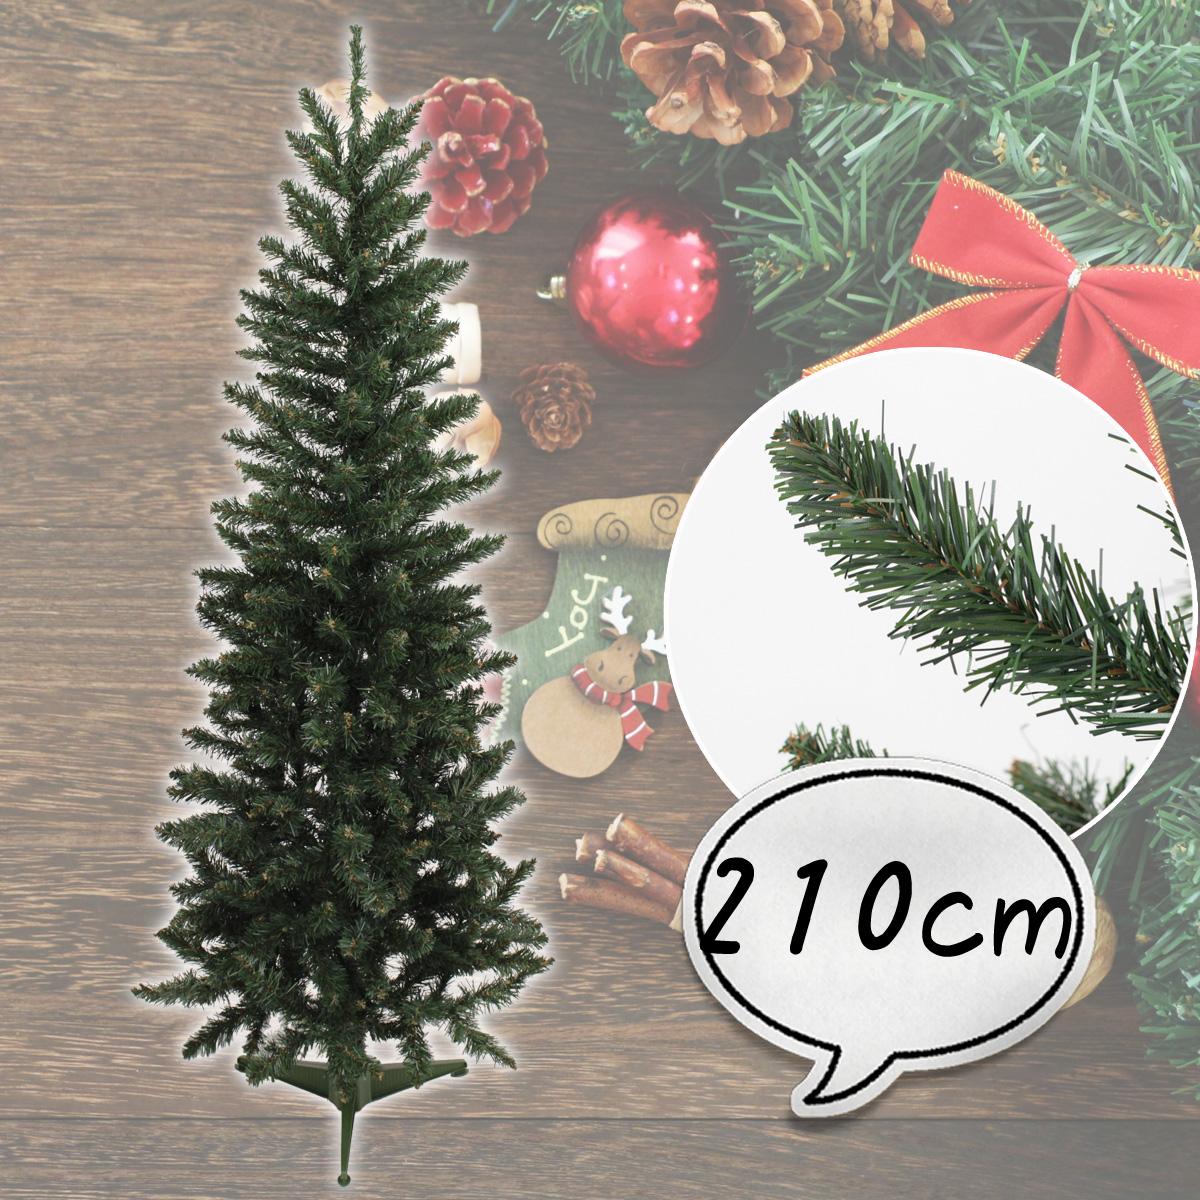 クリスマスツリー 210cm クラシカル スリムツリー ツリーの木 北欧 おしゃれ